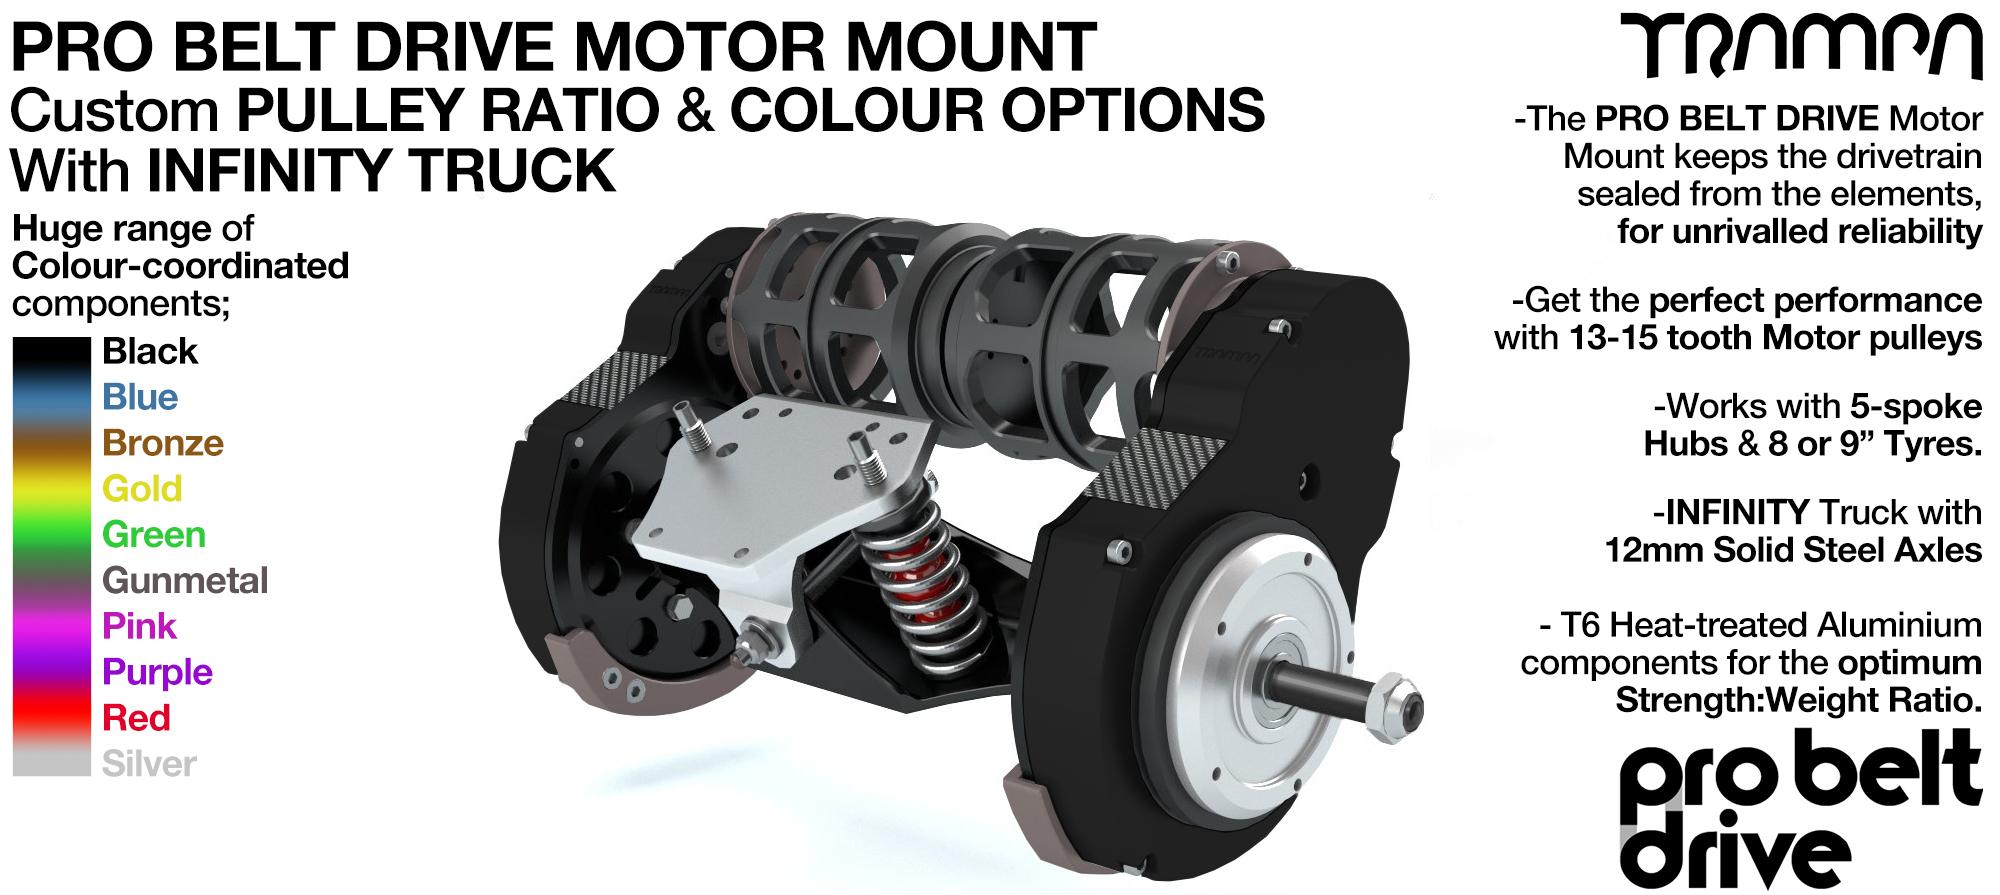 Mountainboard PRO Belt Drive TWIN Motor Mounts, Motors & Precision INFINITY TRUCK